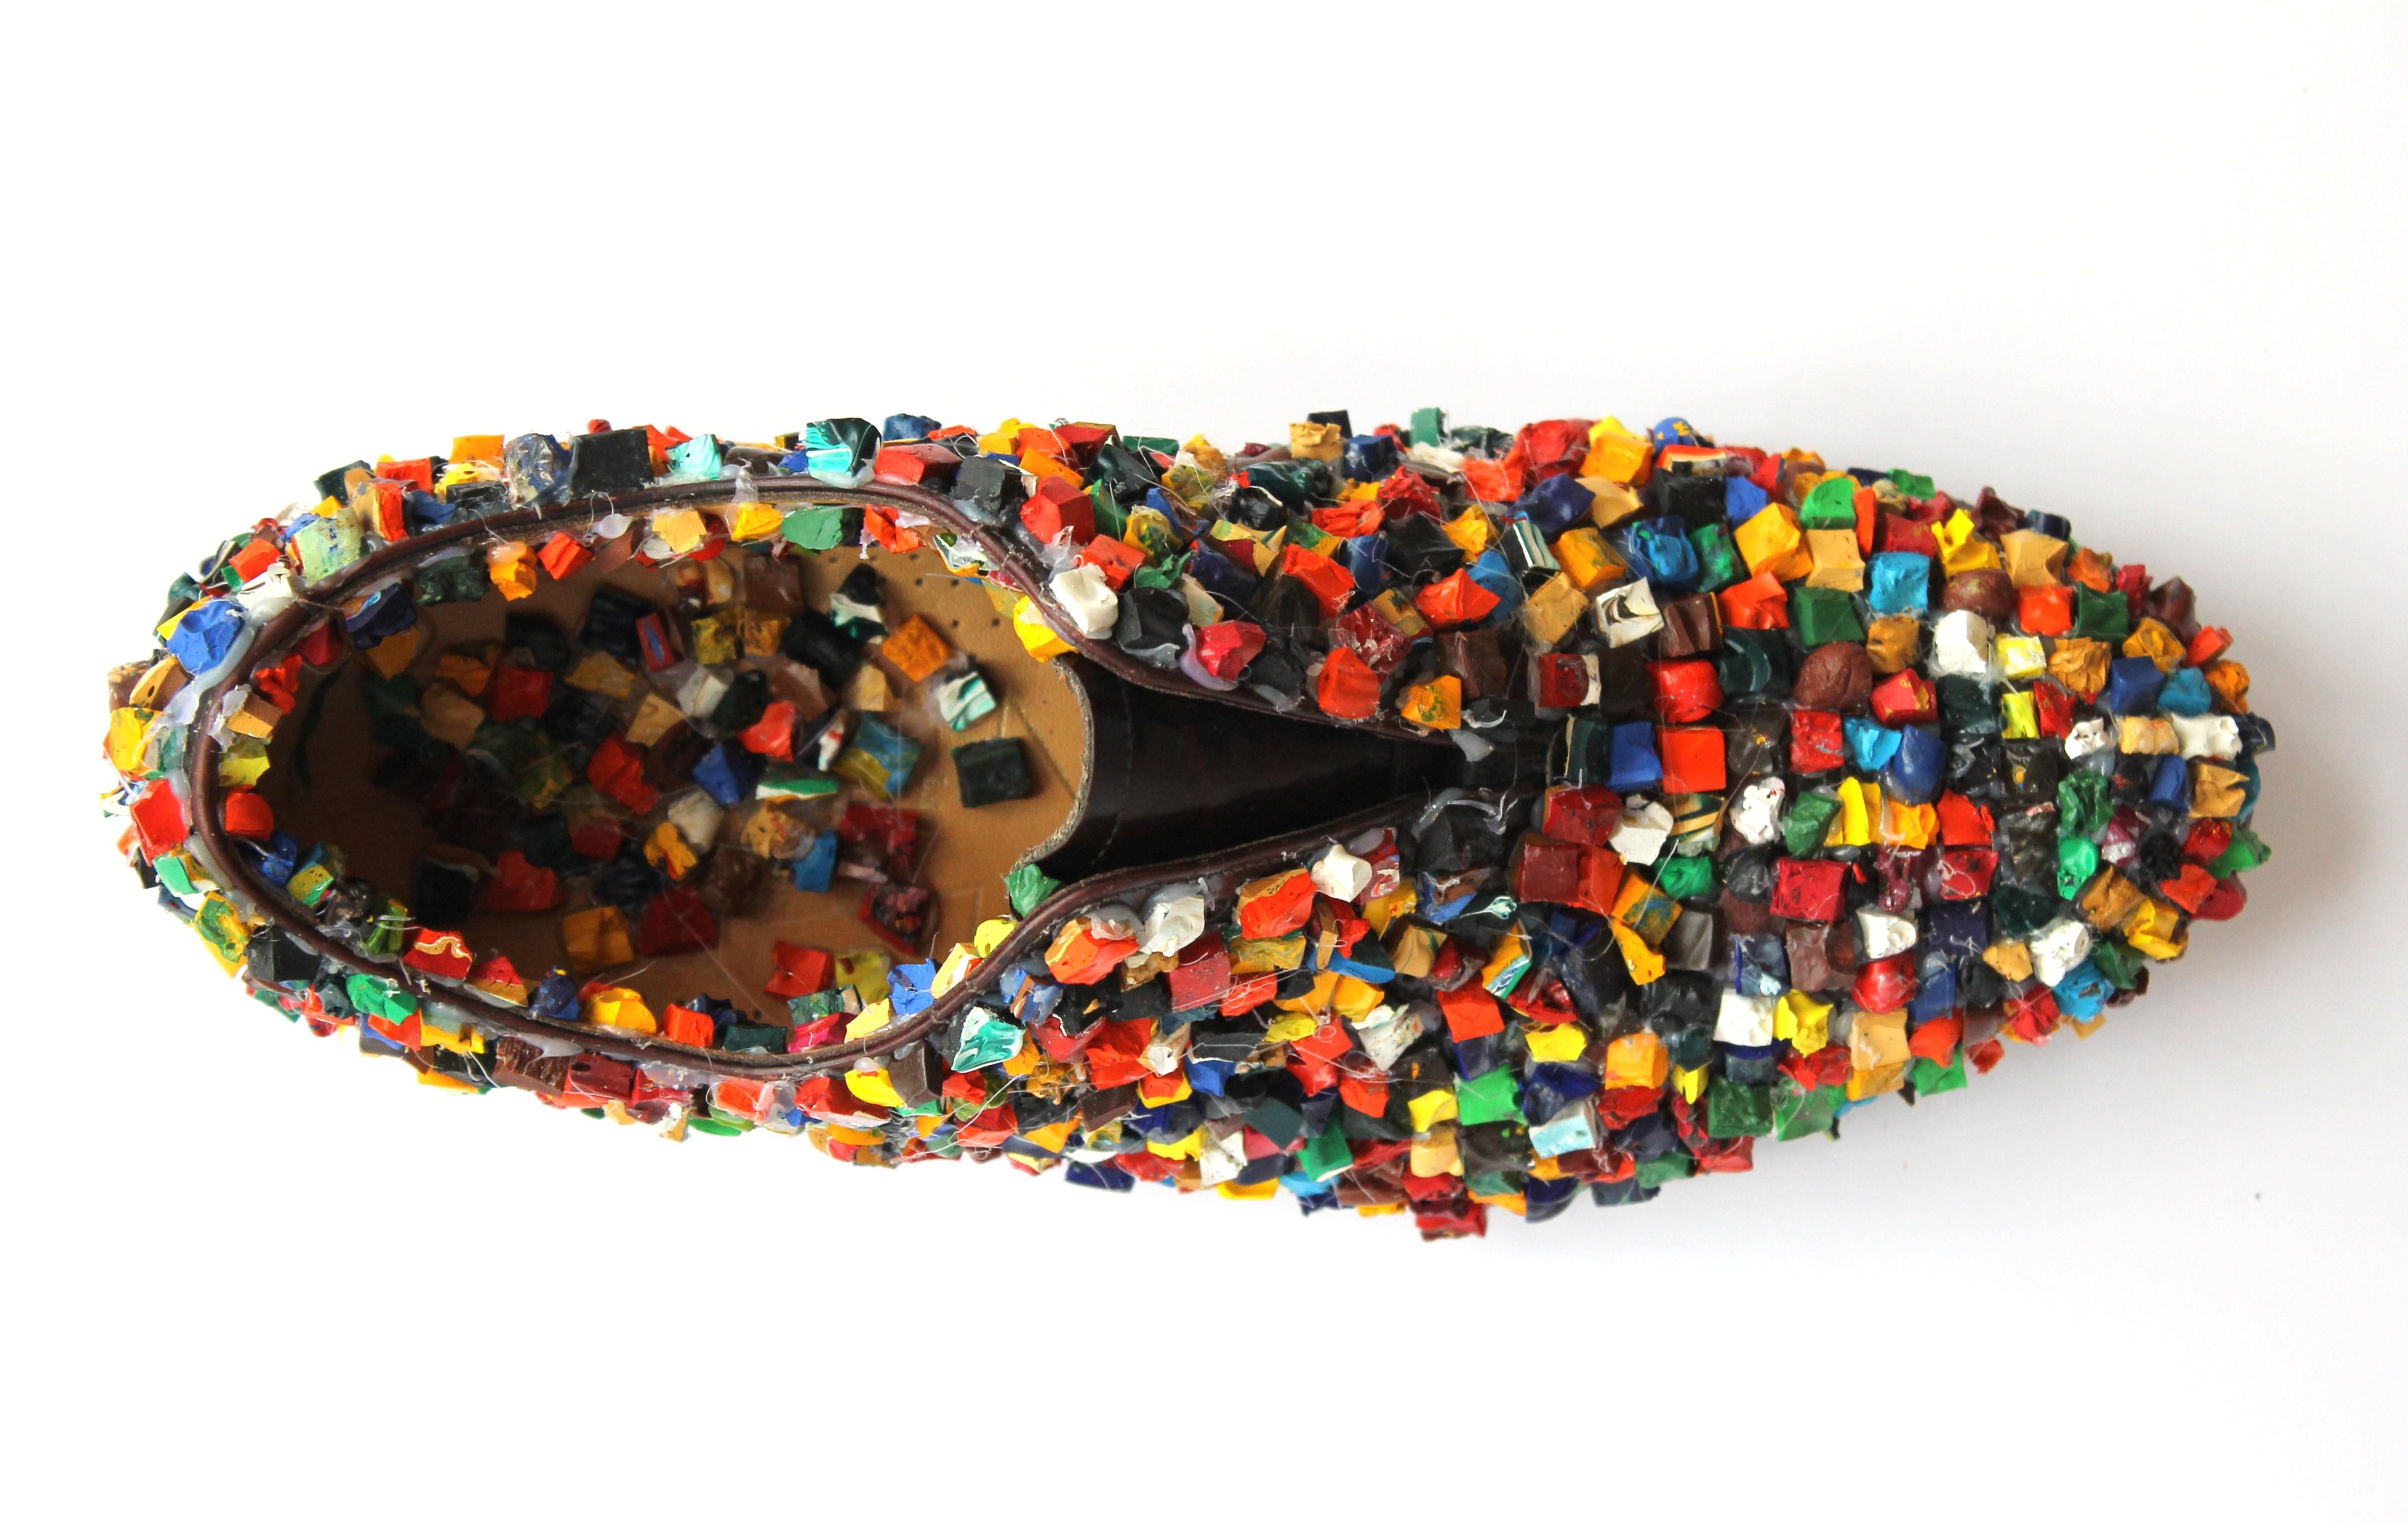 Encrusted Shoe, Declan Byrne